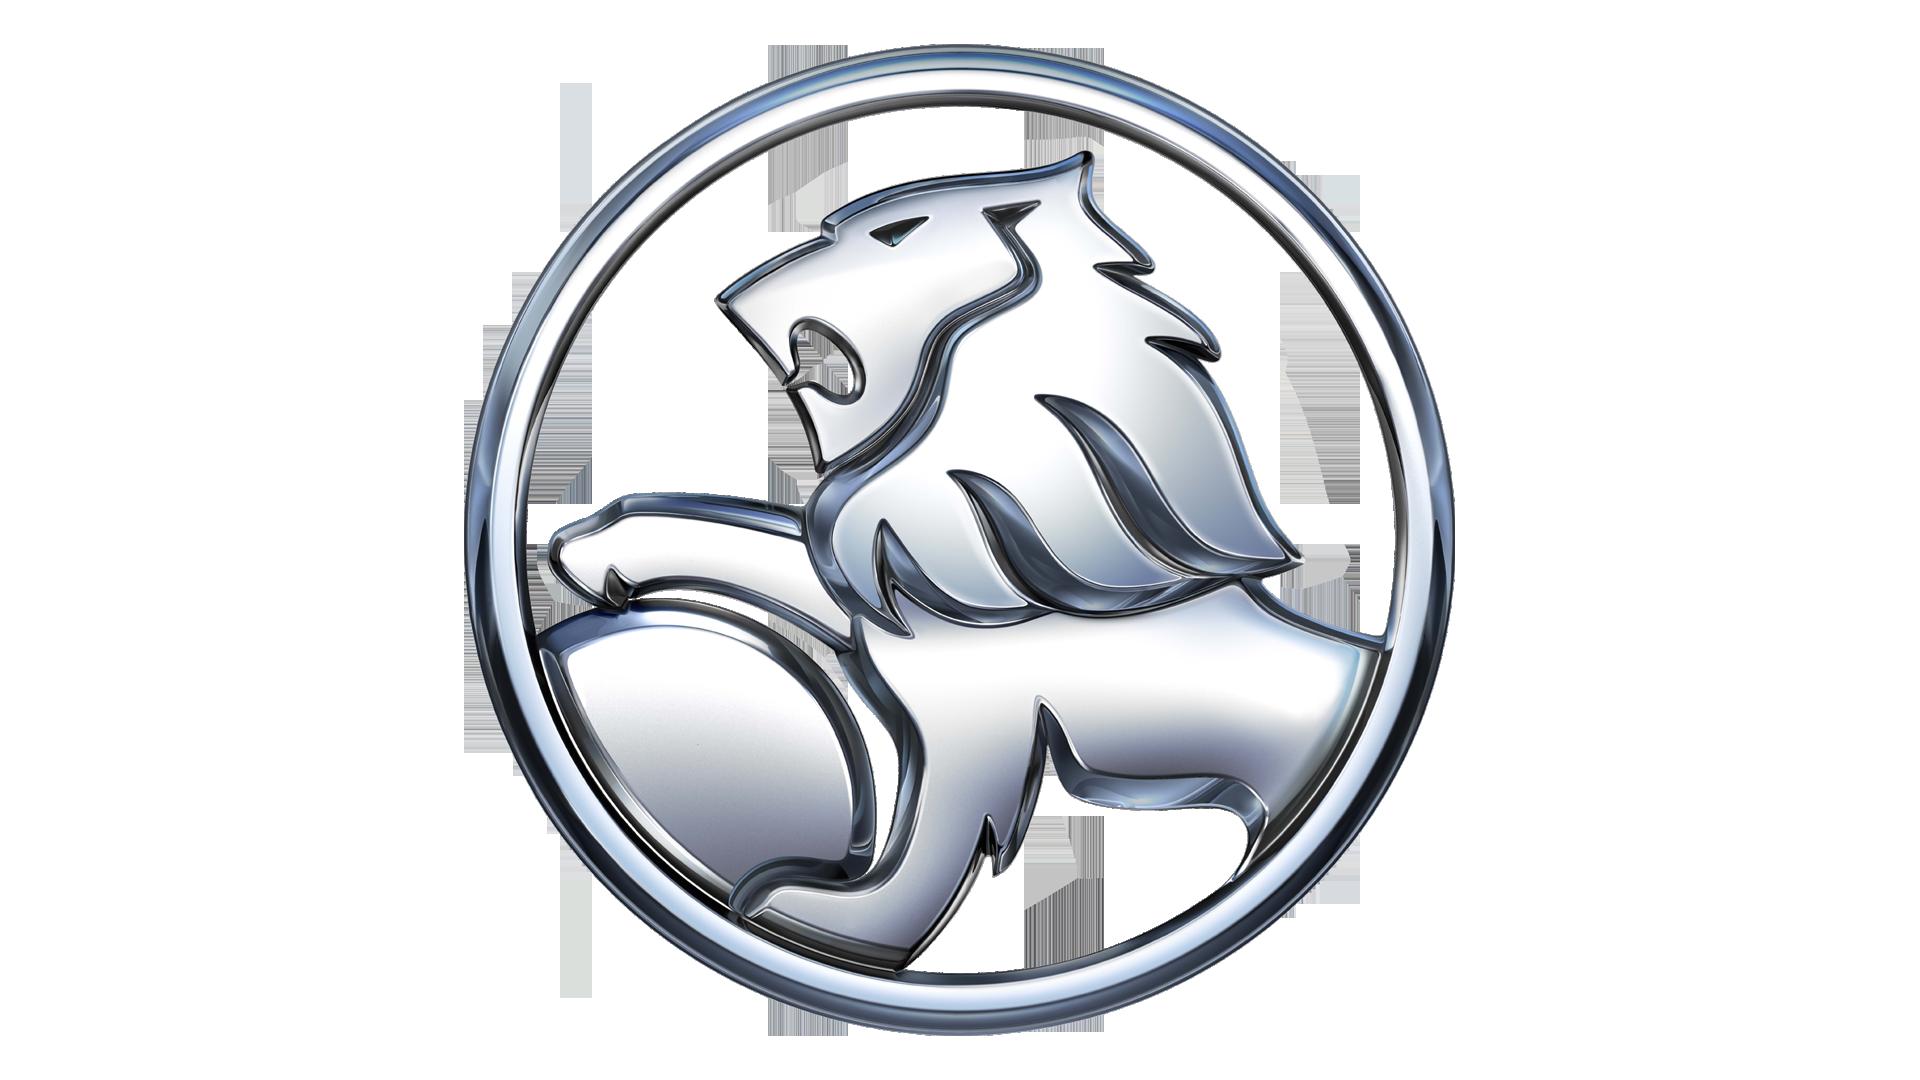 Holden-emblem